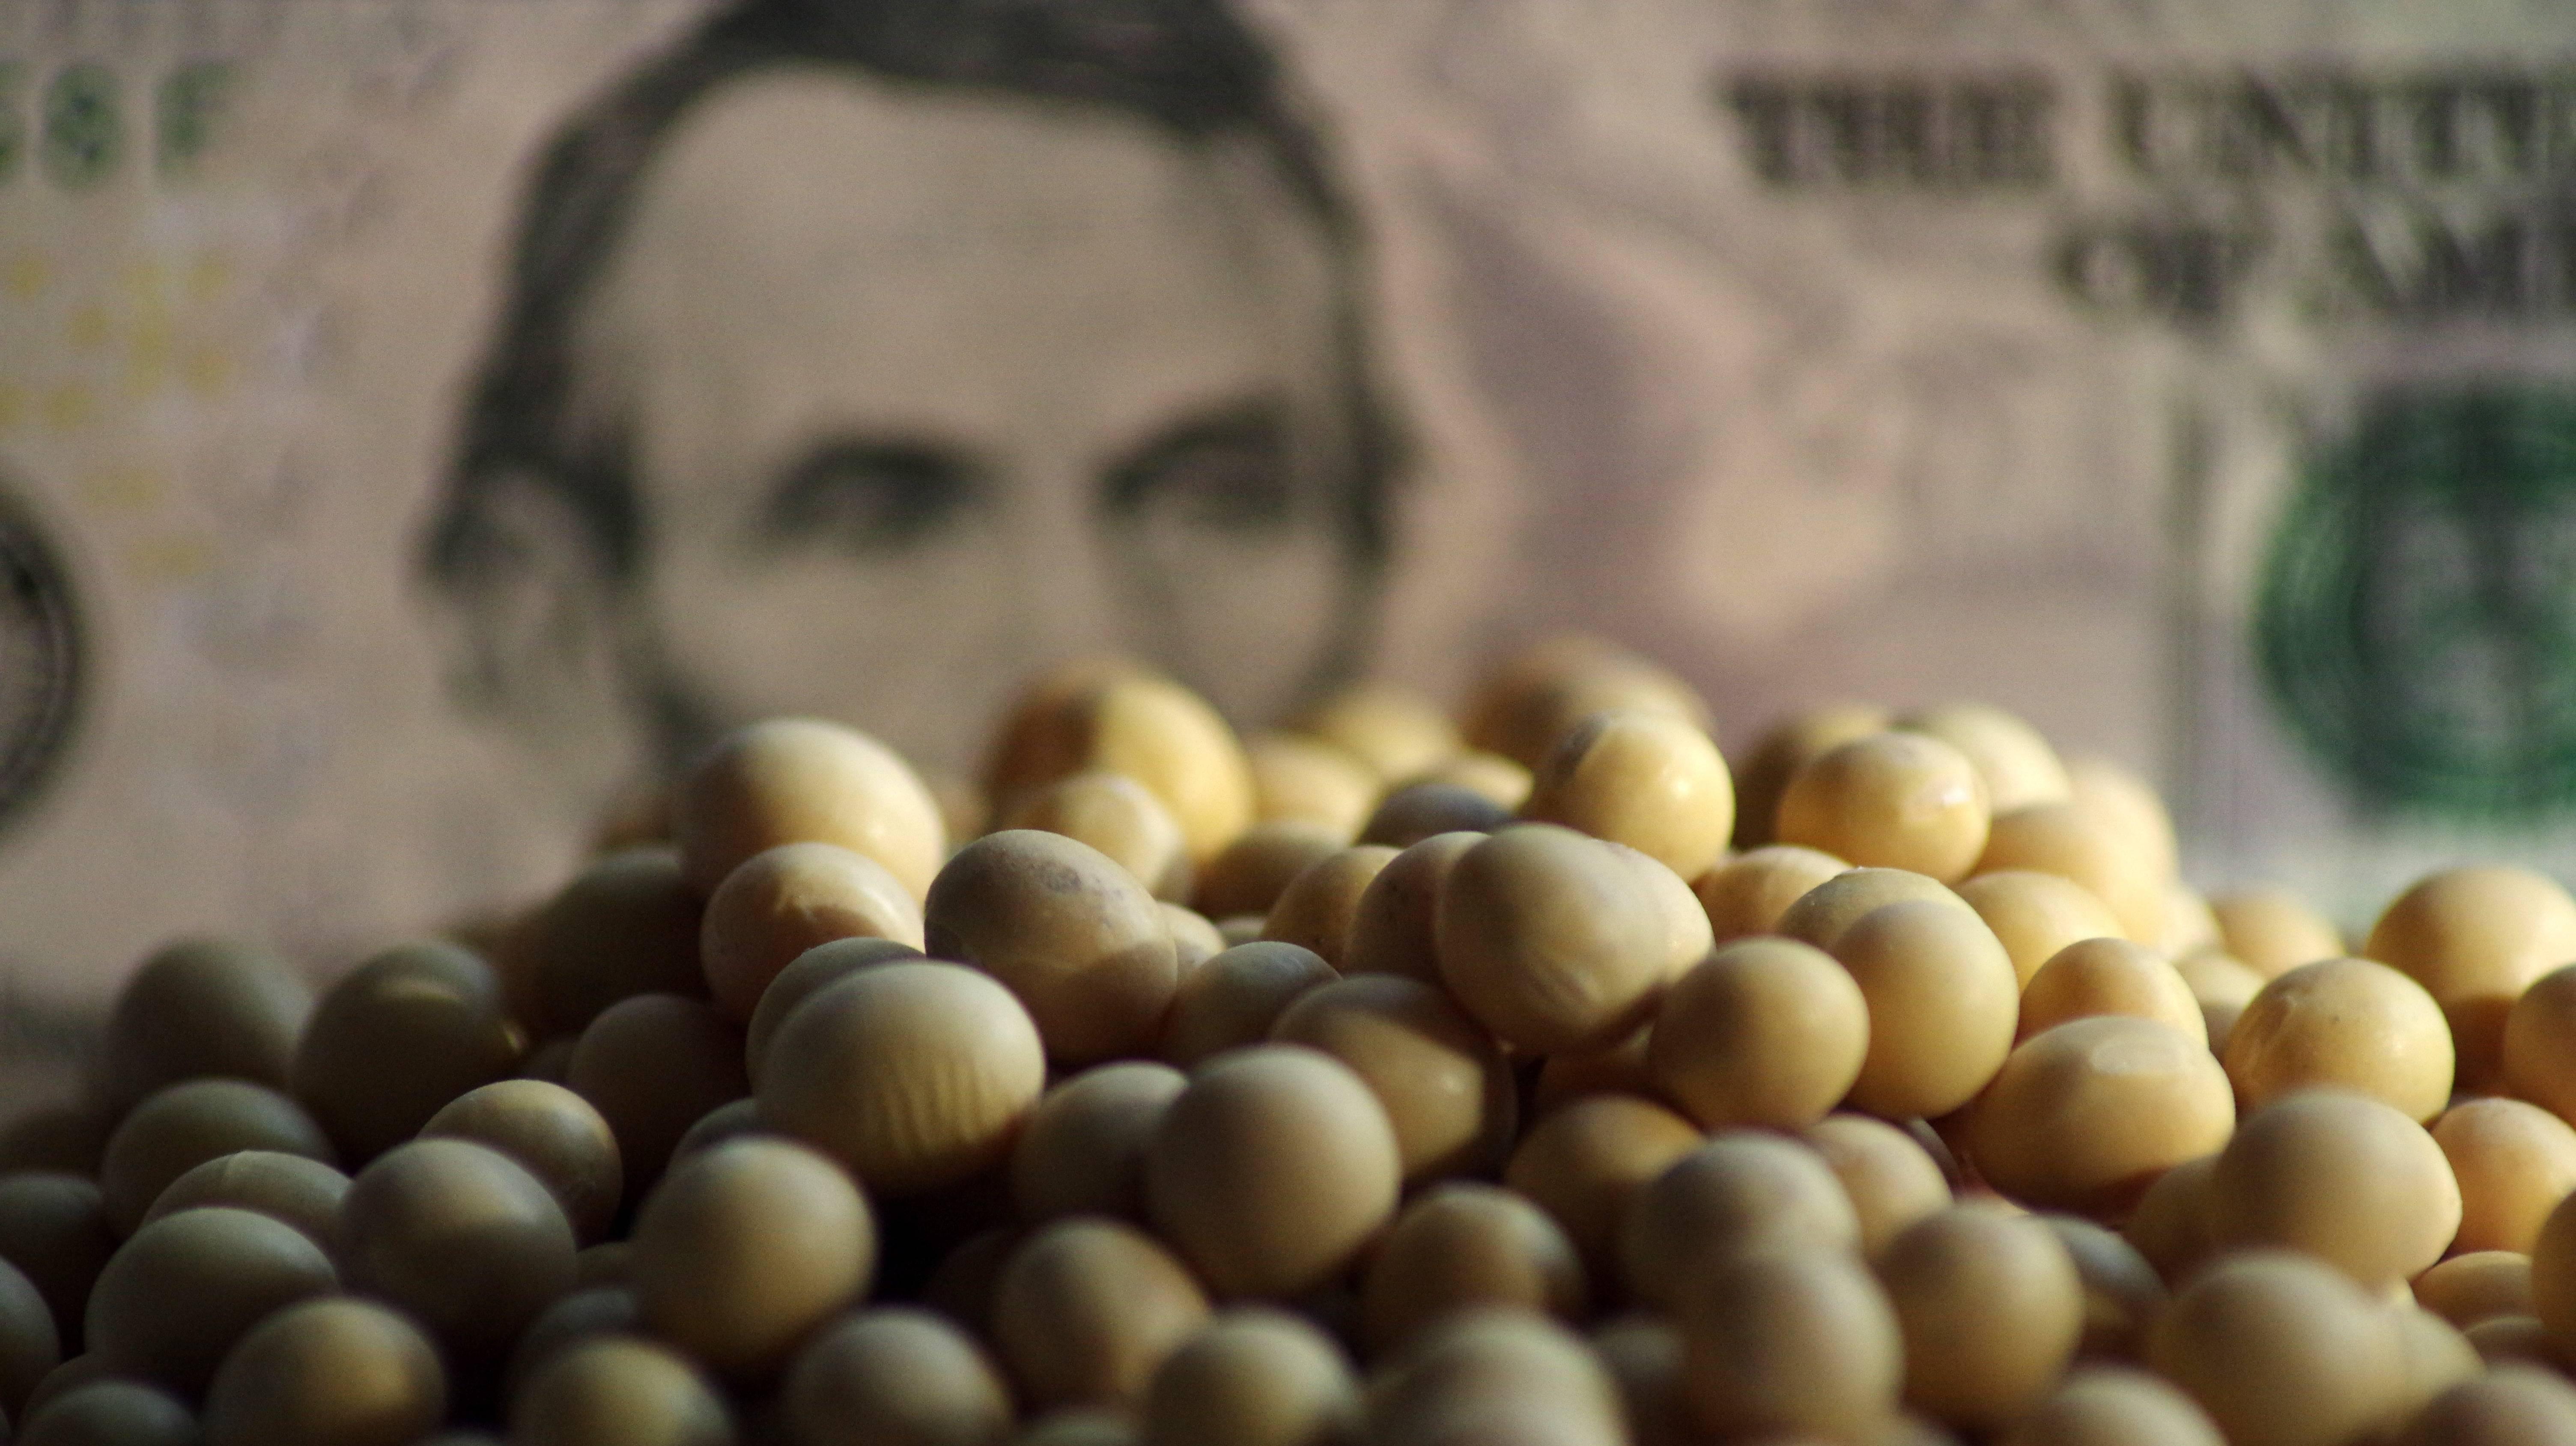 """【虎嗅早报】中国相关企业暂停新的美国农产品采购;美股经历""""黑色星期一"""""""